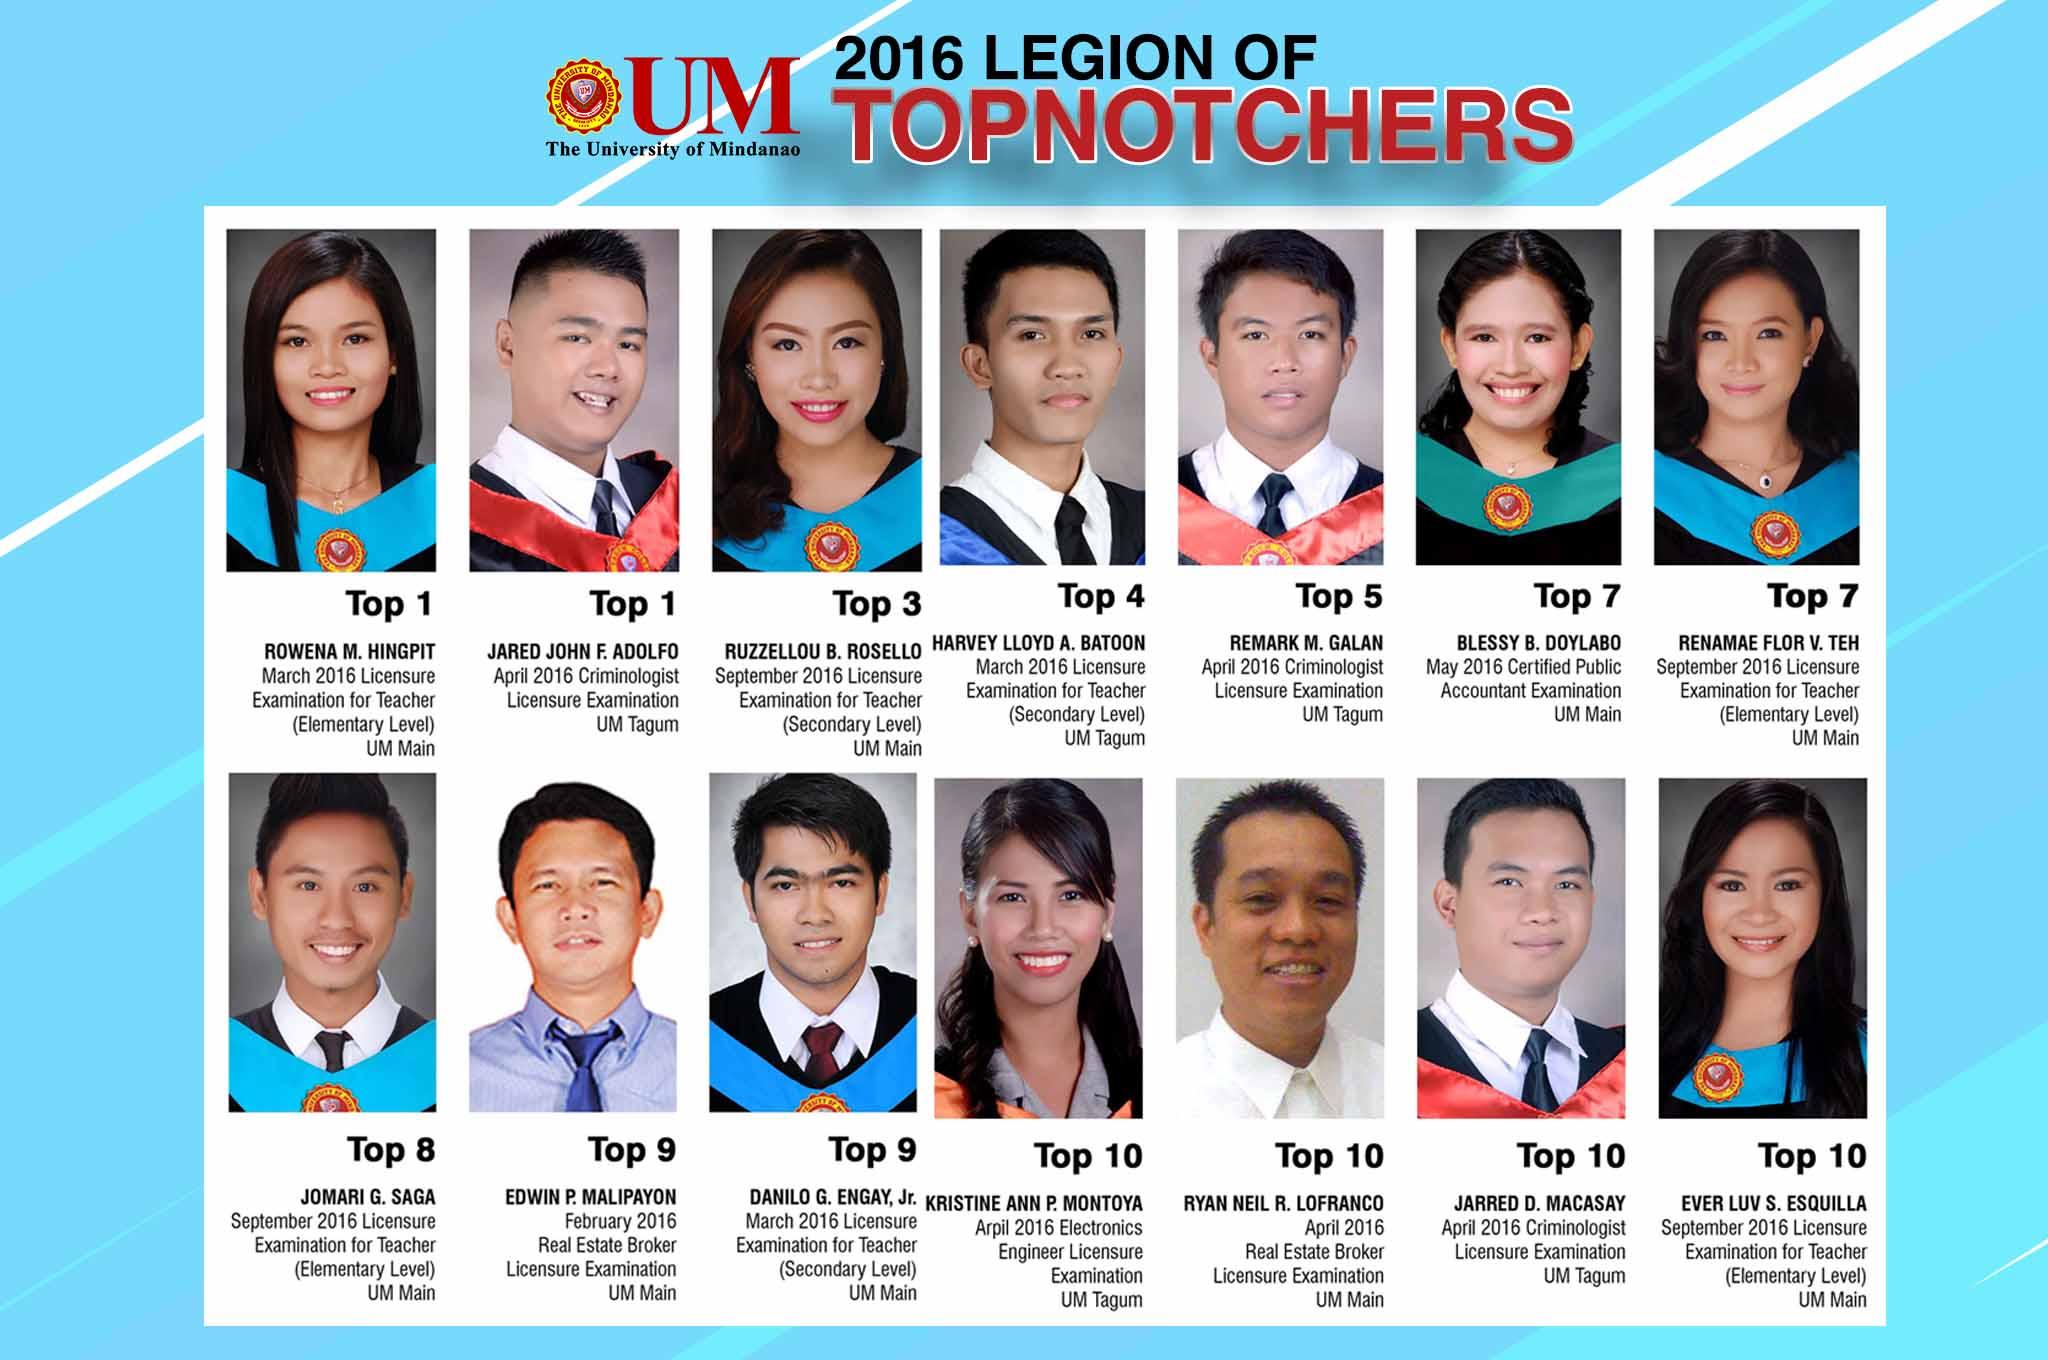 2016 Legion